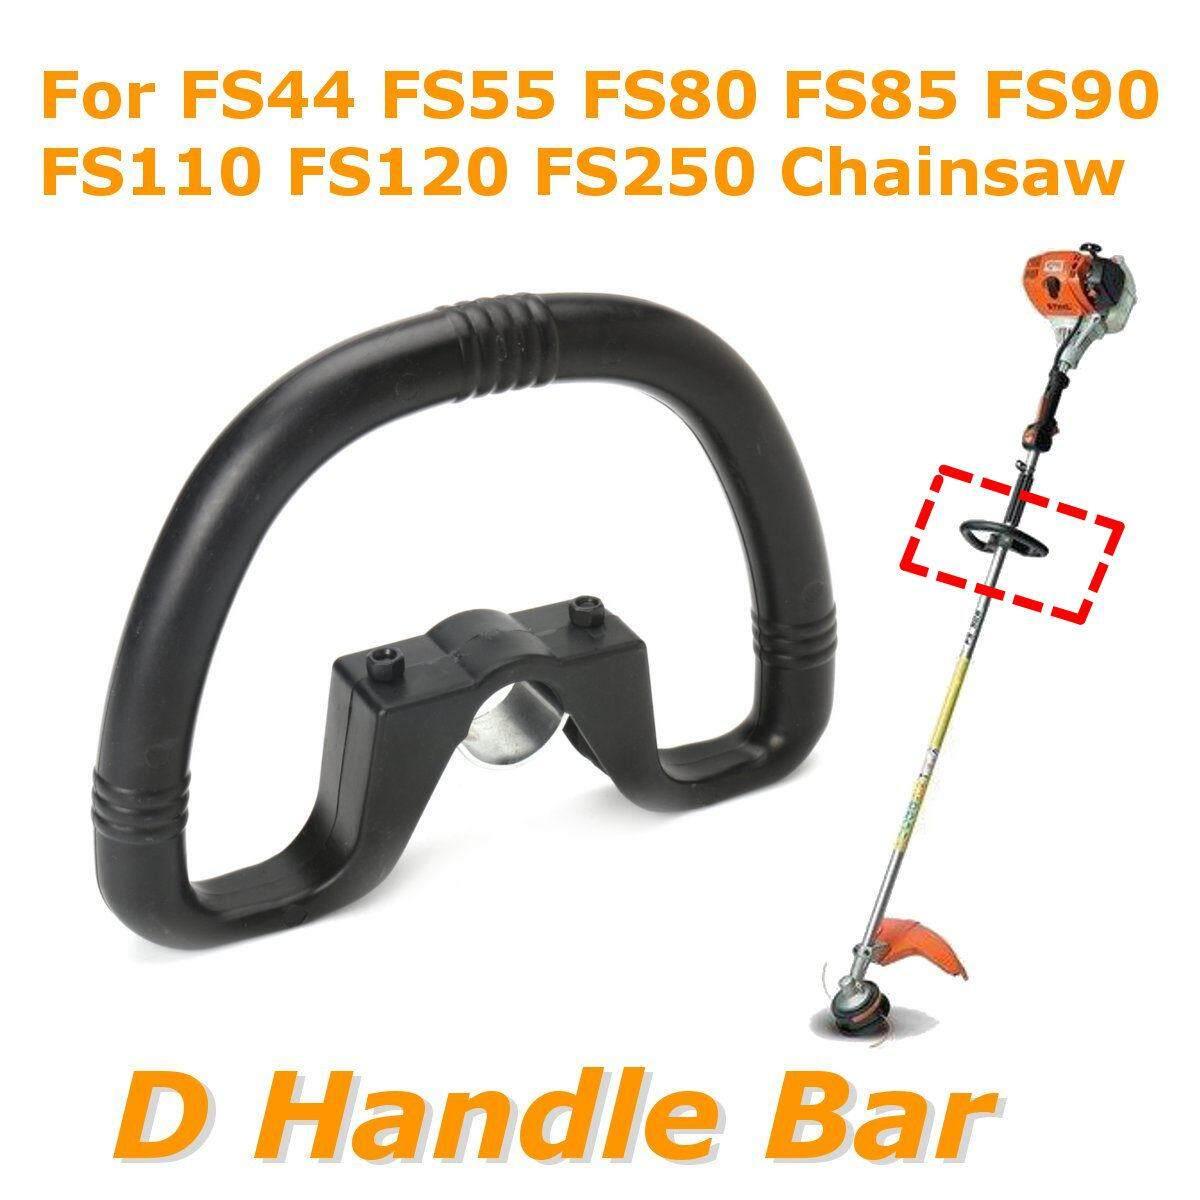 D Handle Bar Fit STIHL FS44 FS55 FS80 FS90 FS110 FS120 FS250 Chainsaw Trimmer